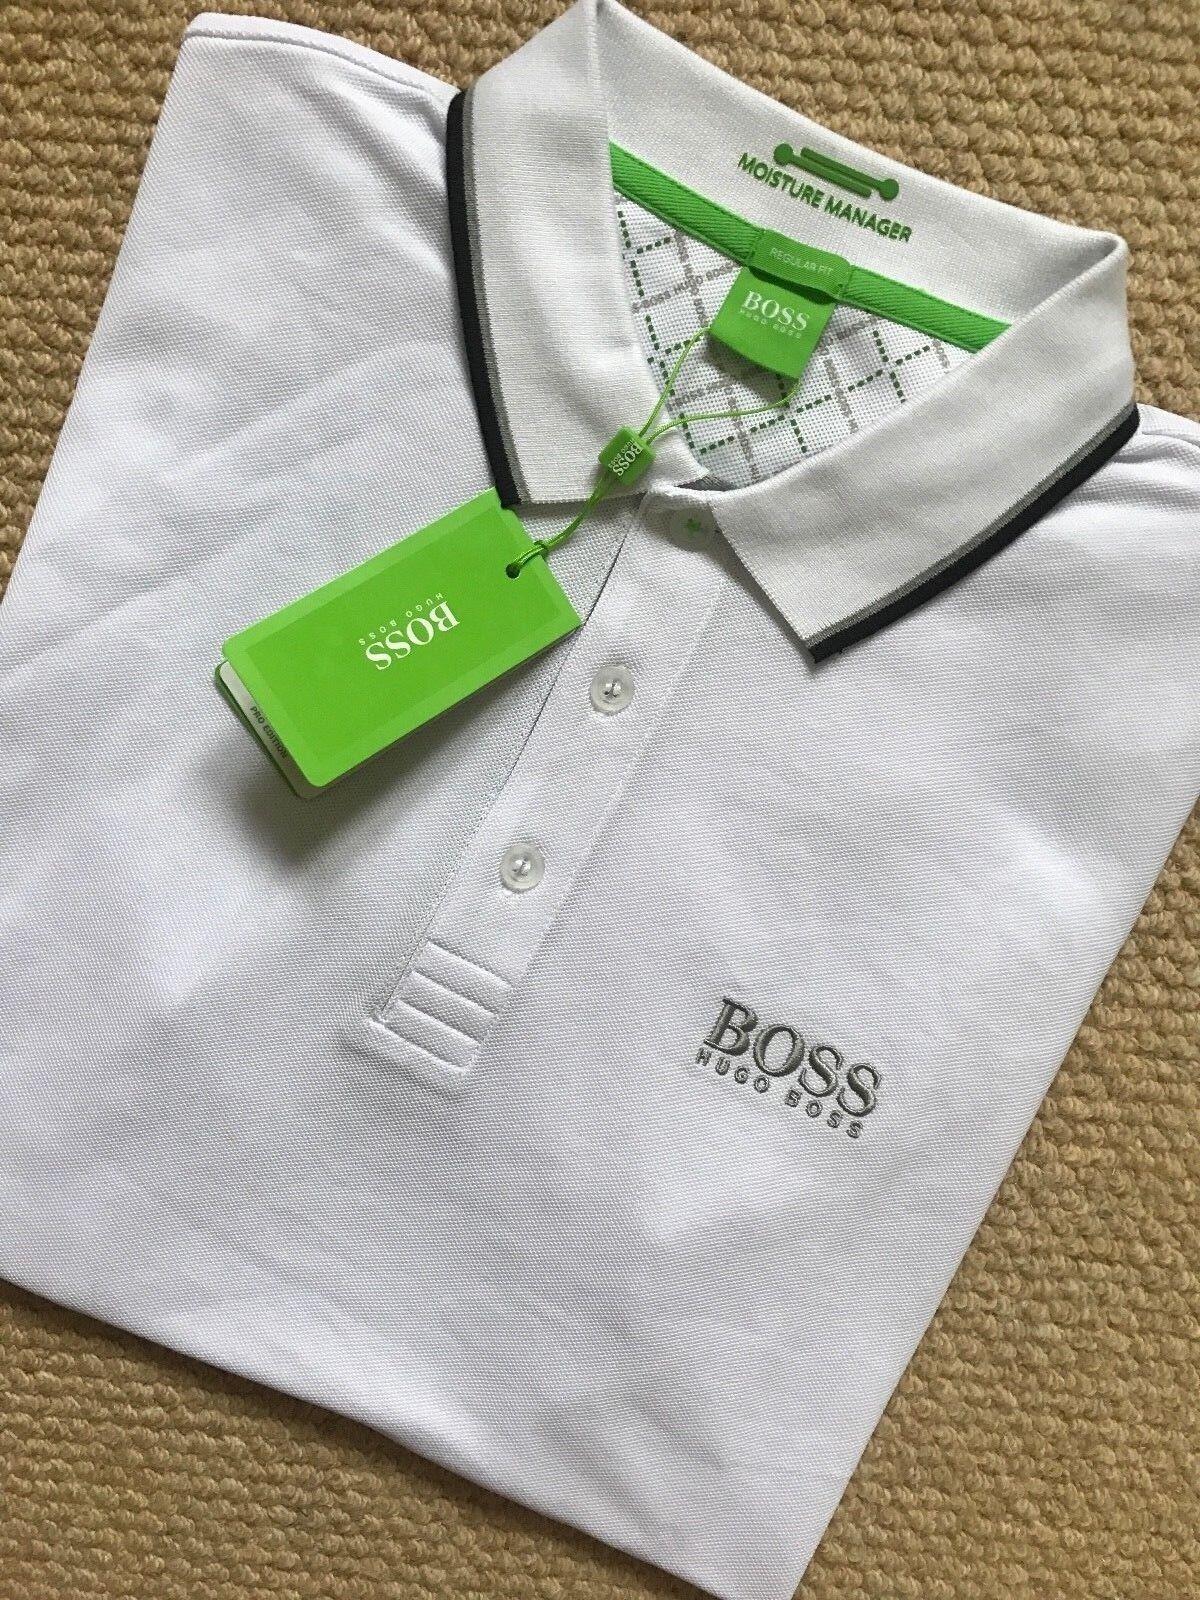 58b2d55e8 Hugo Boss Polo Shirt Peppo-pro White Mens Green Label Modern Fit 100 ...